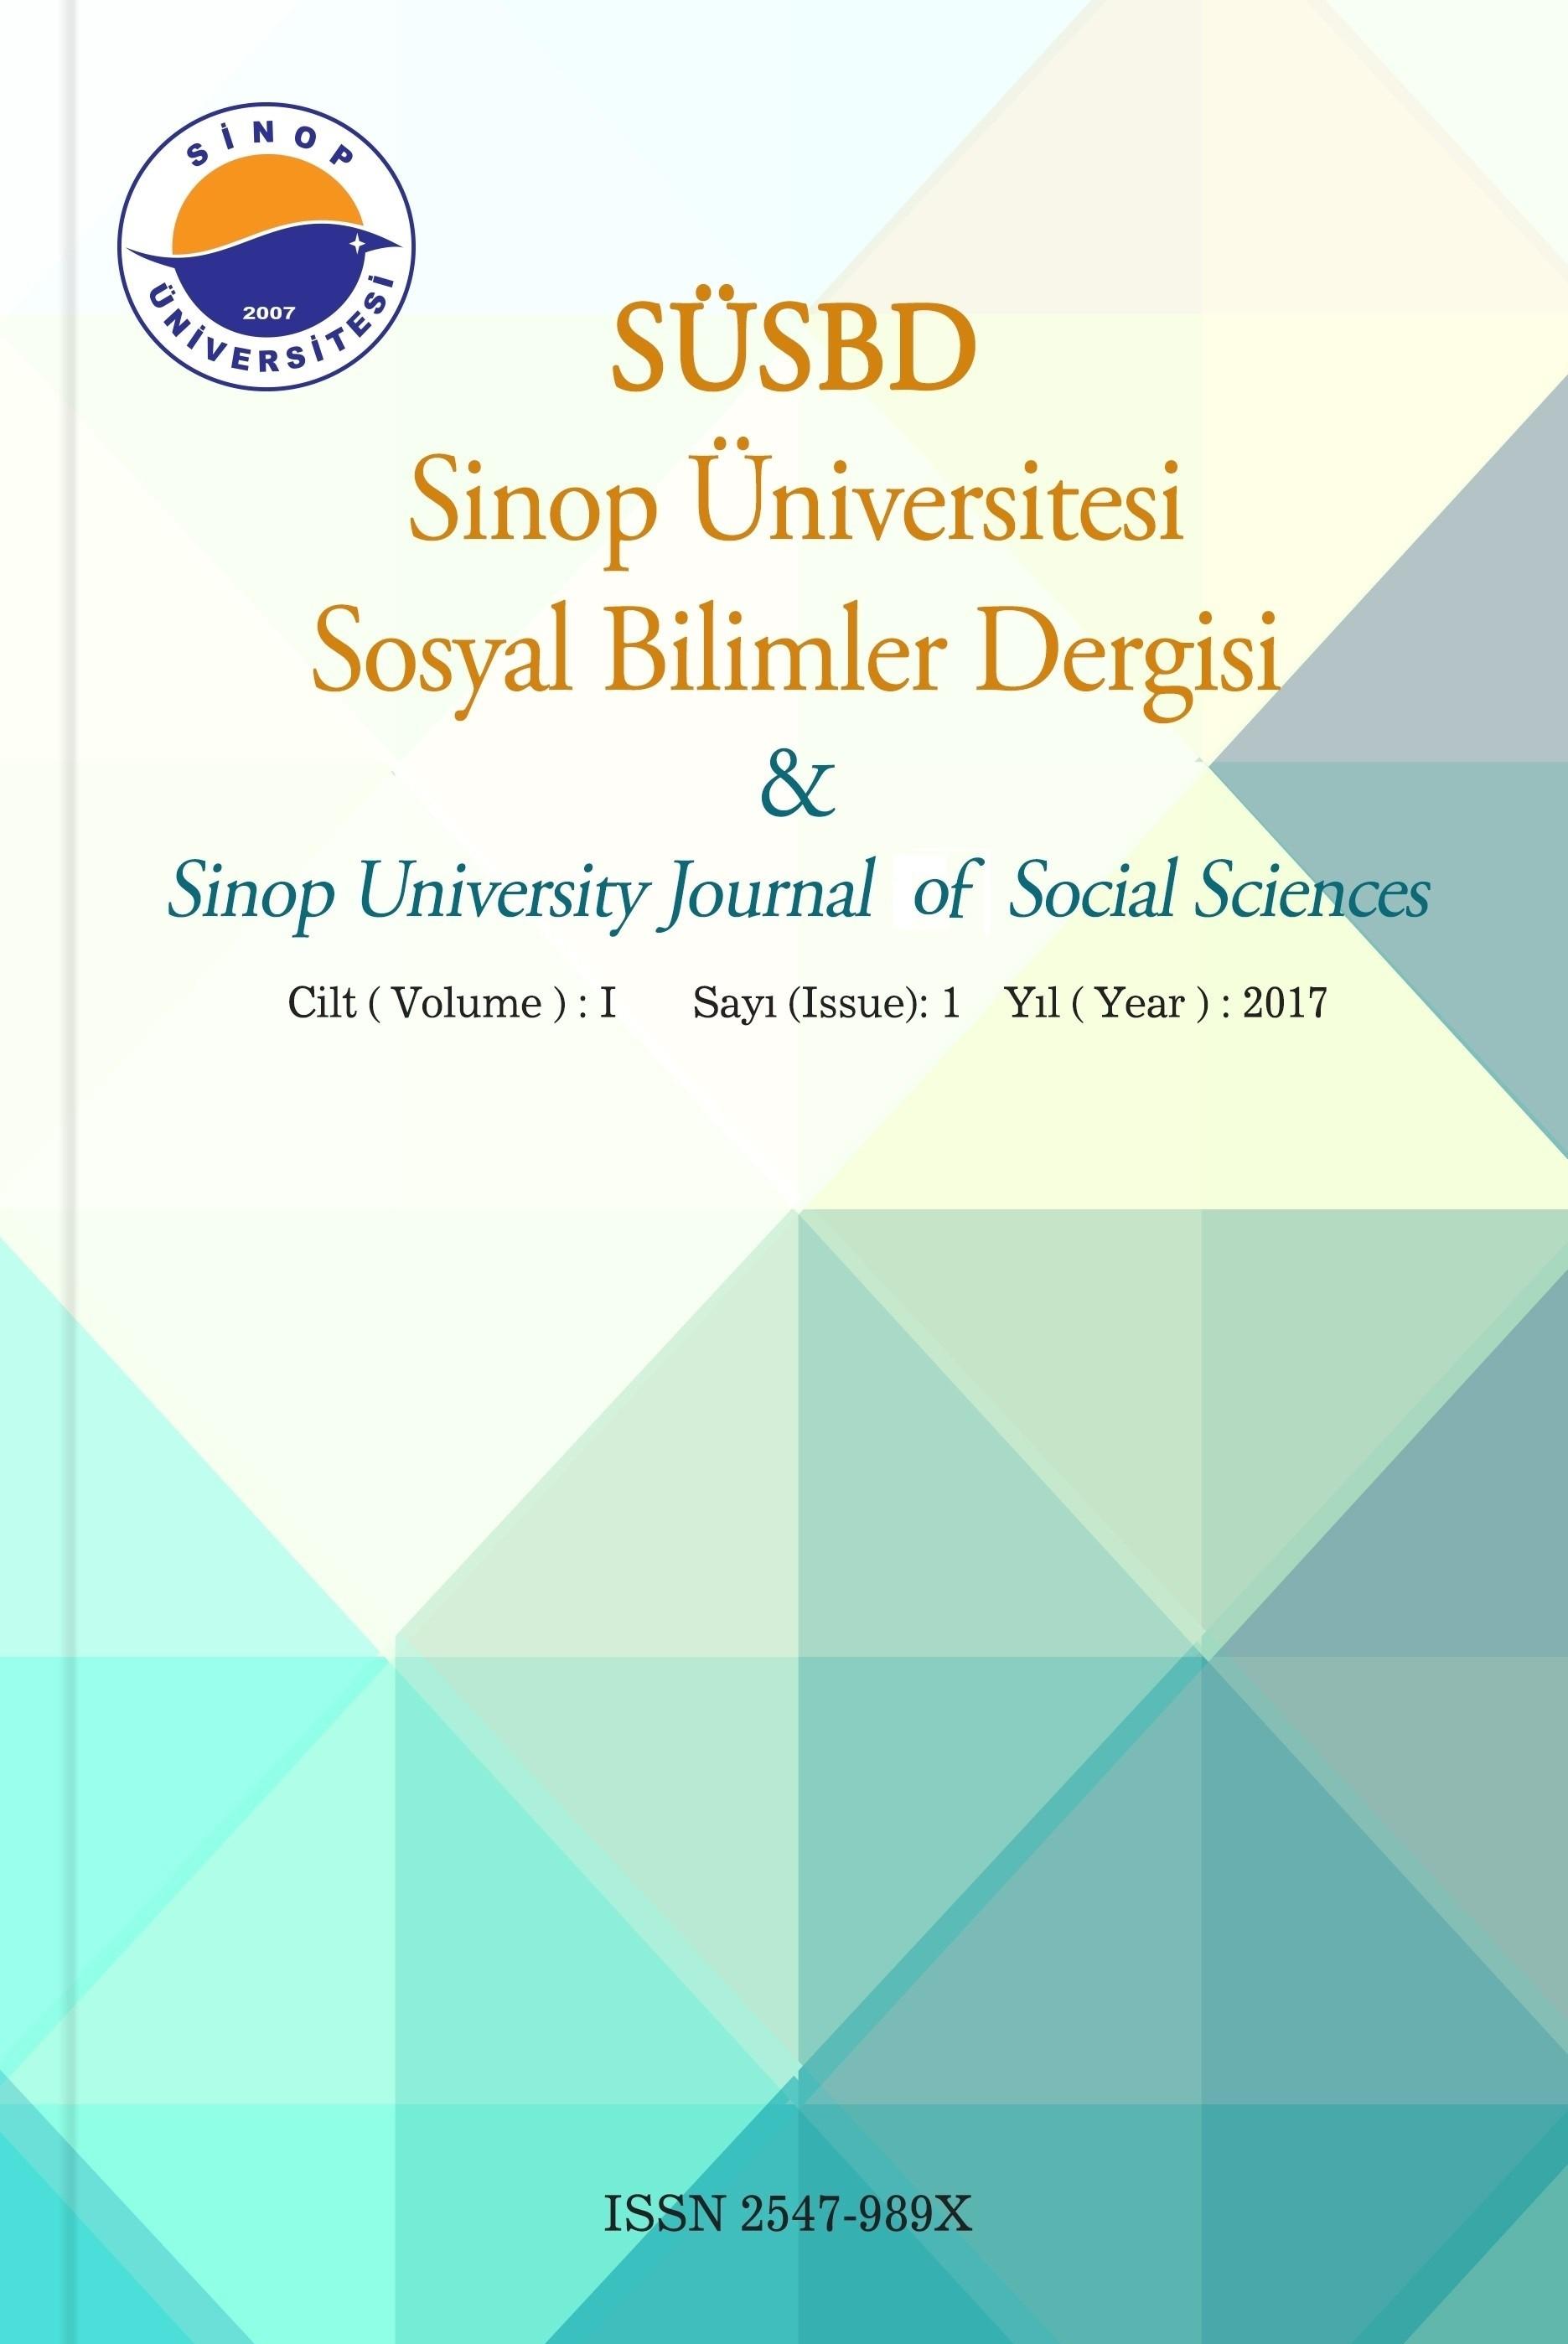 Sinop Üniversitesi Sosyal Bilimler Dergisi